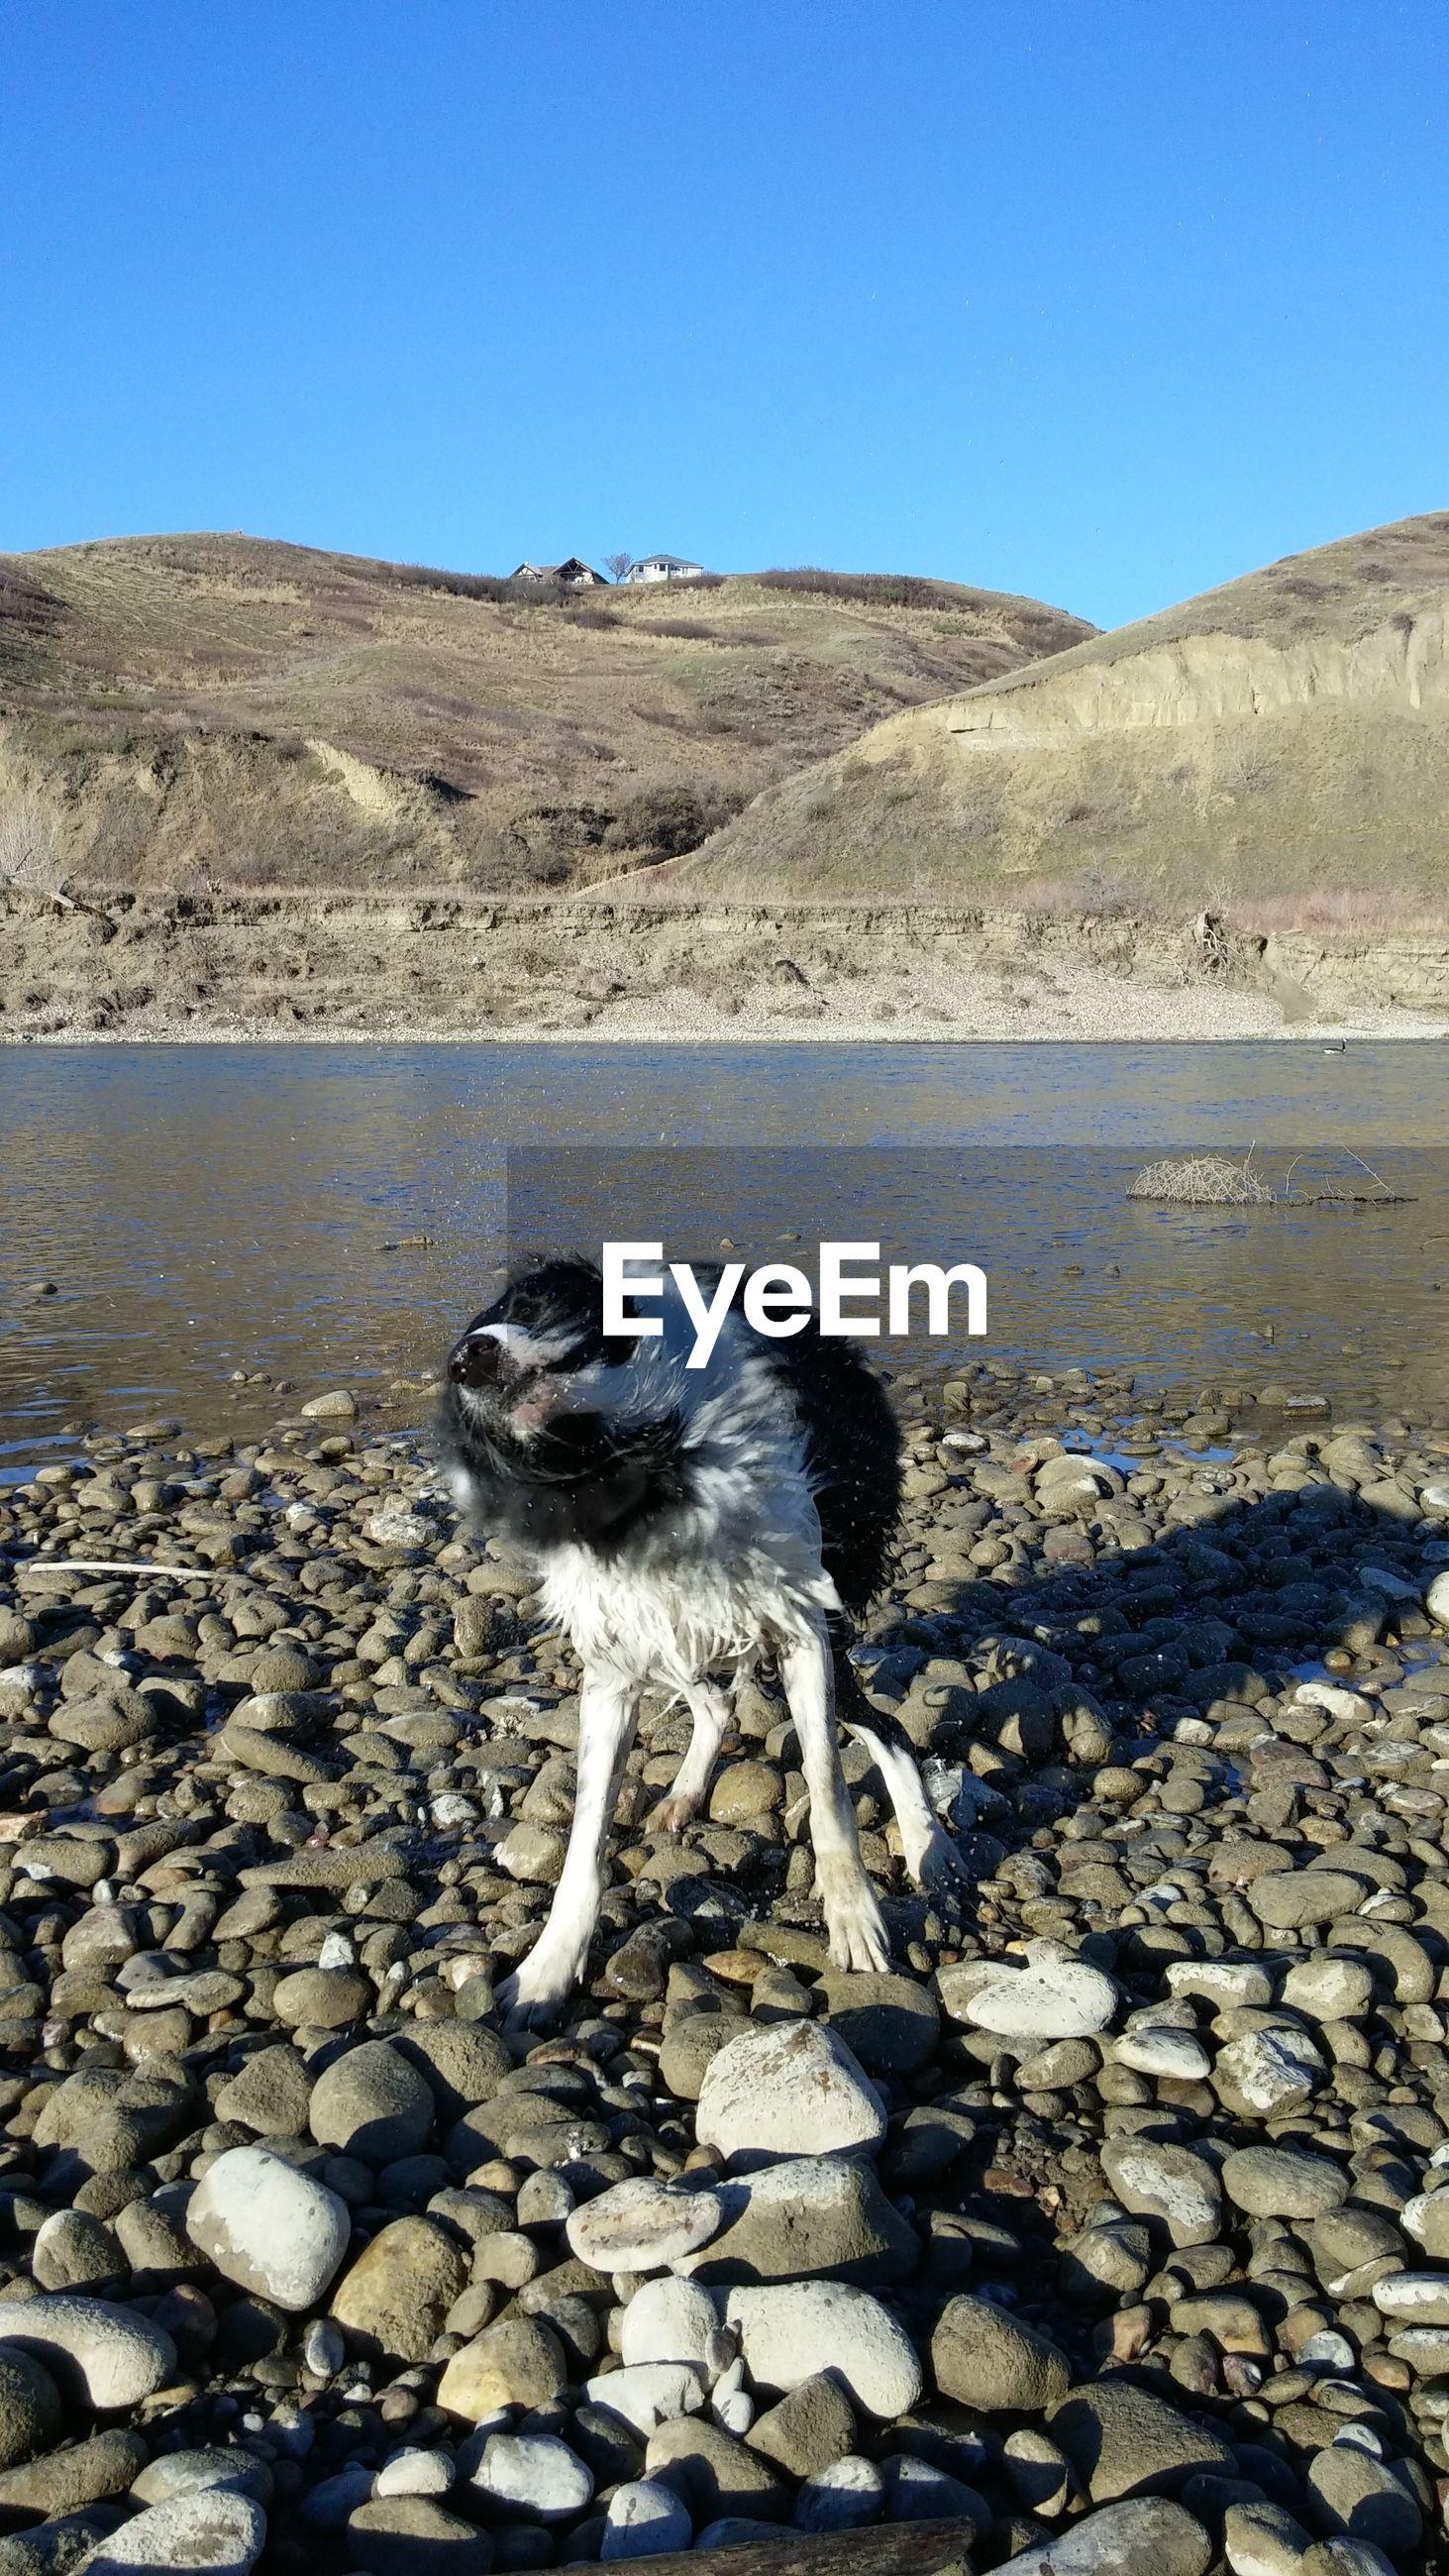 Dog shaking off on shore